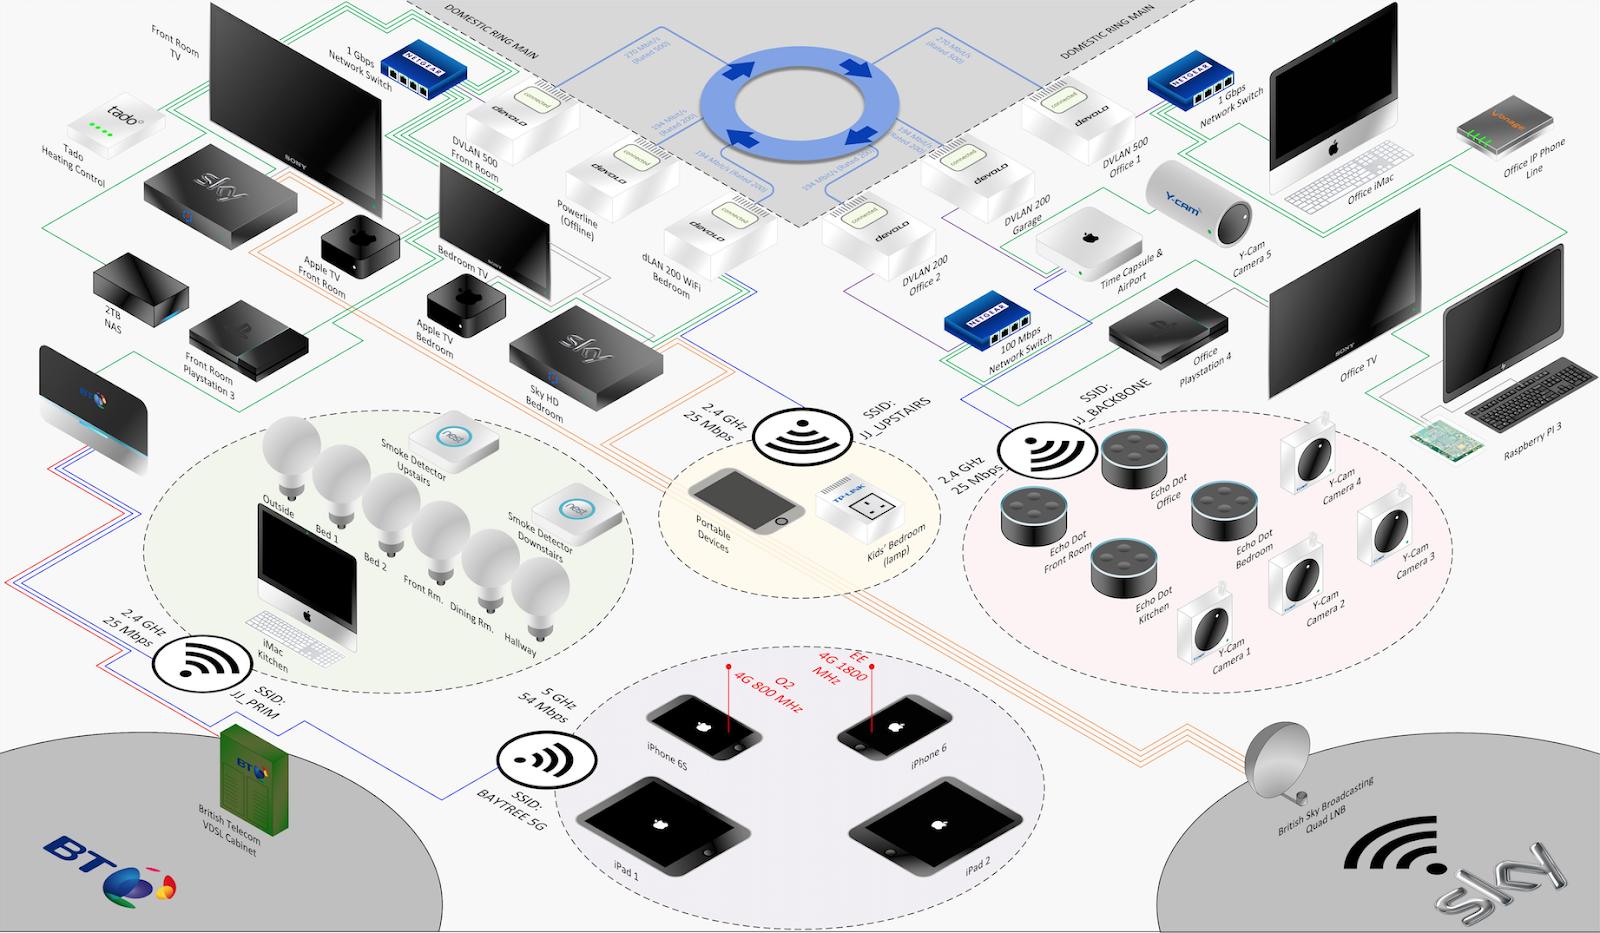 ホームネットワークの様々な機器が接続された模式図